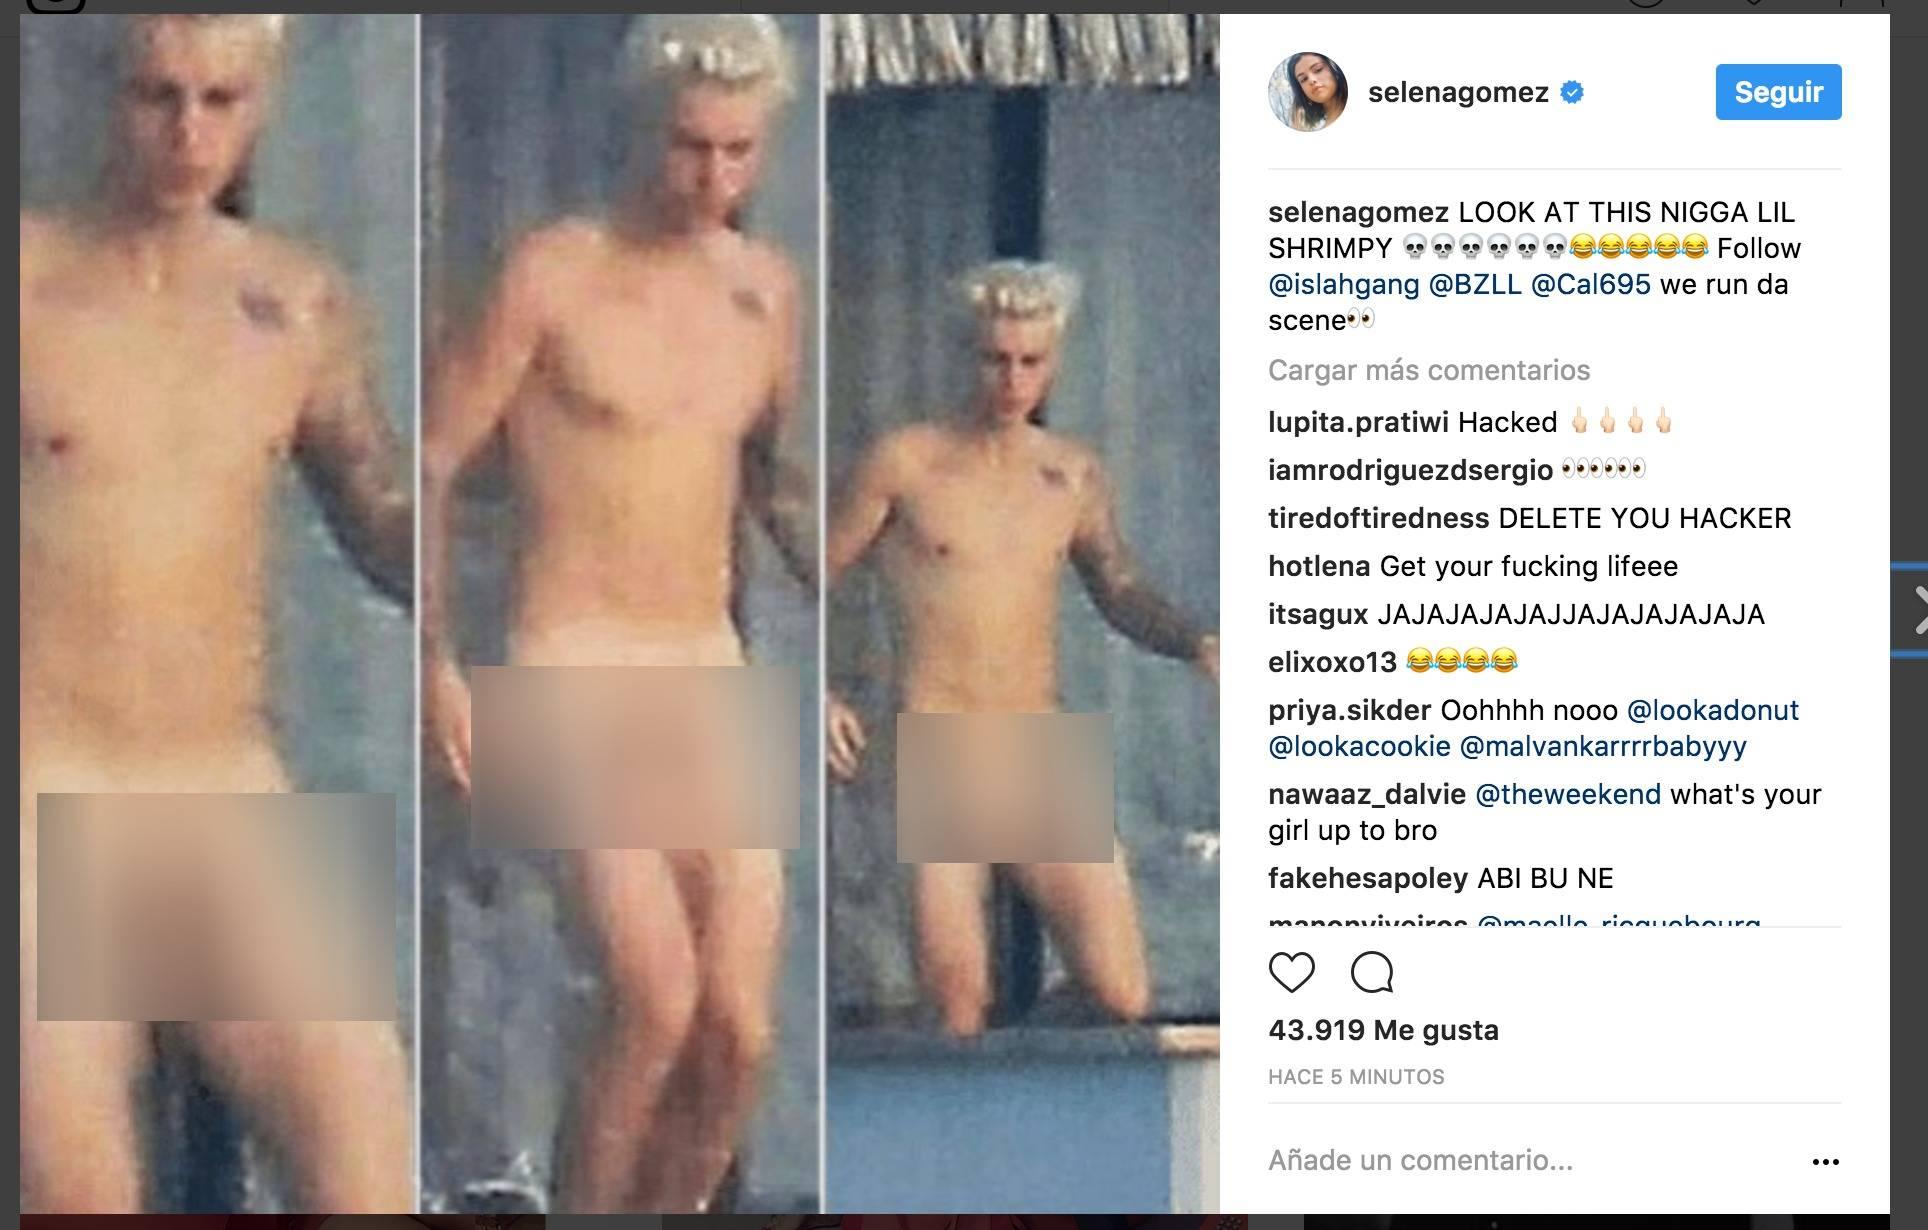 Las fotos desnudo de Justin, en Instagram de Selena Gomez